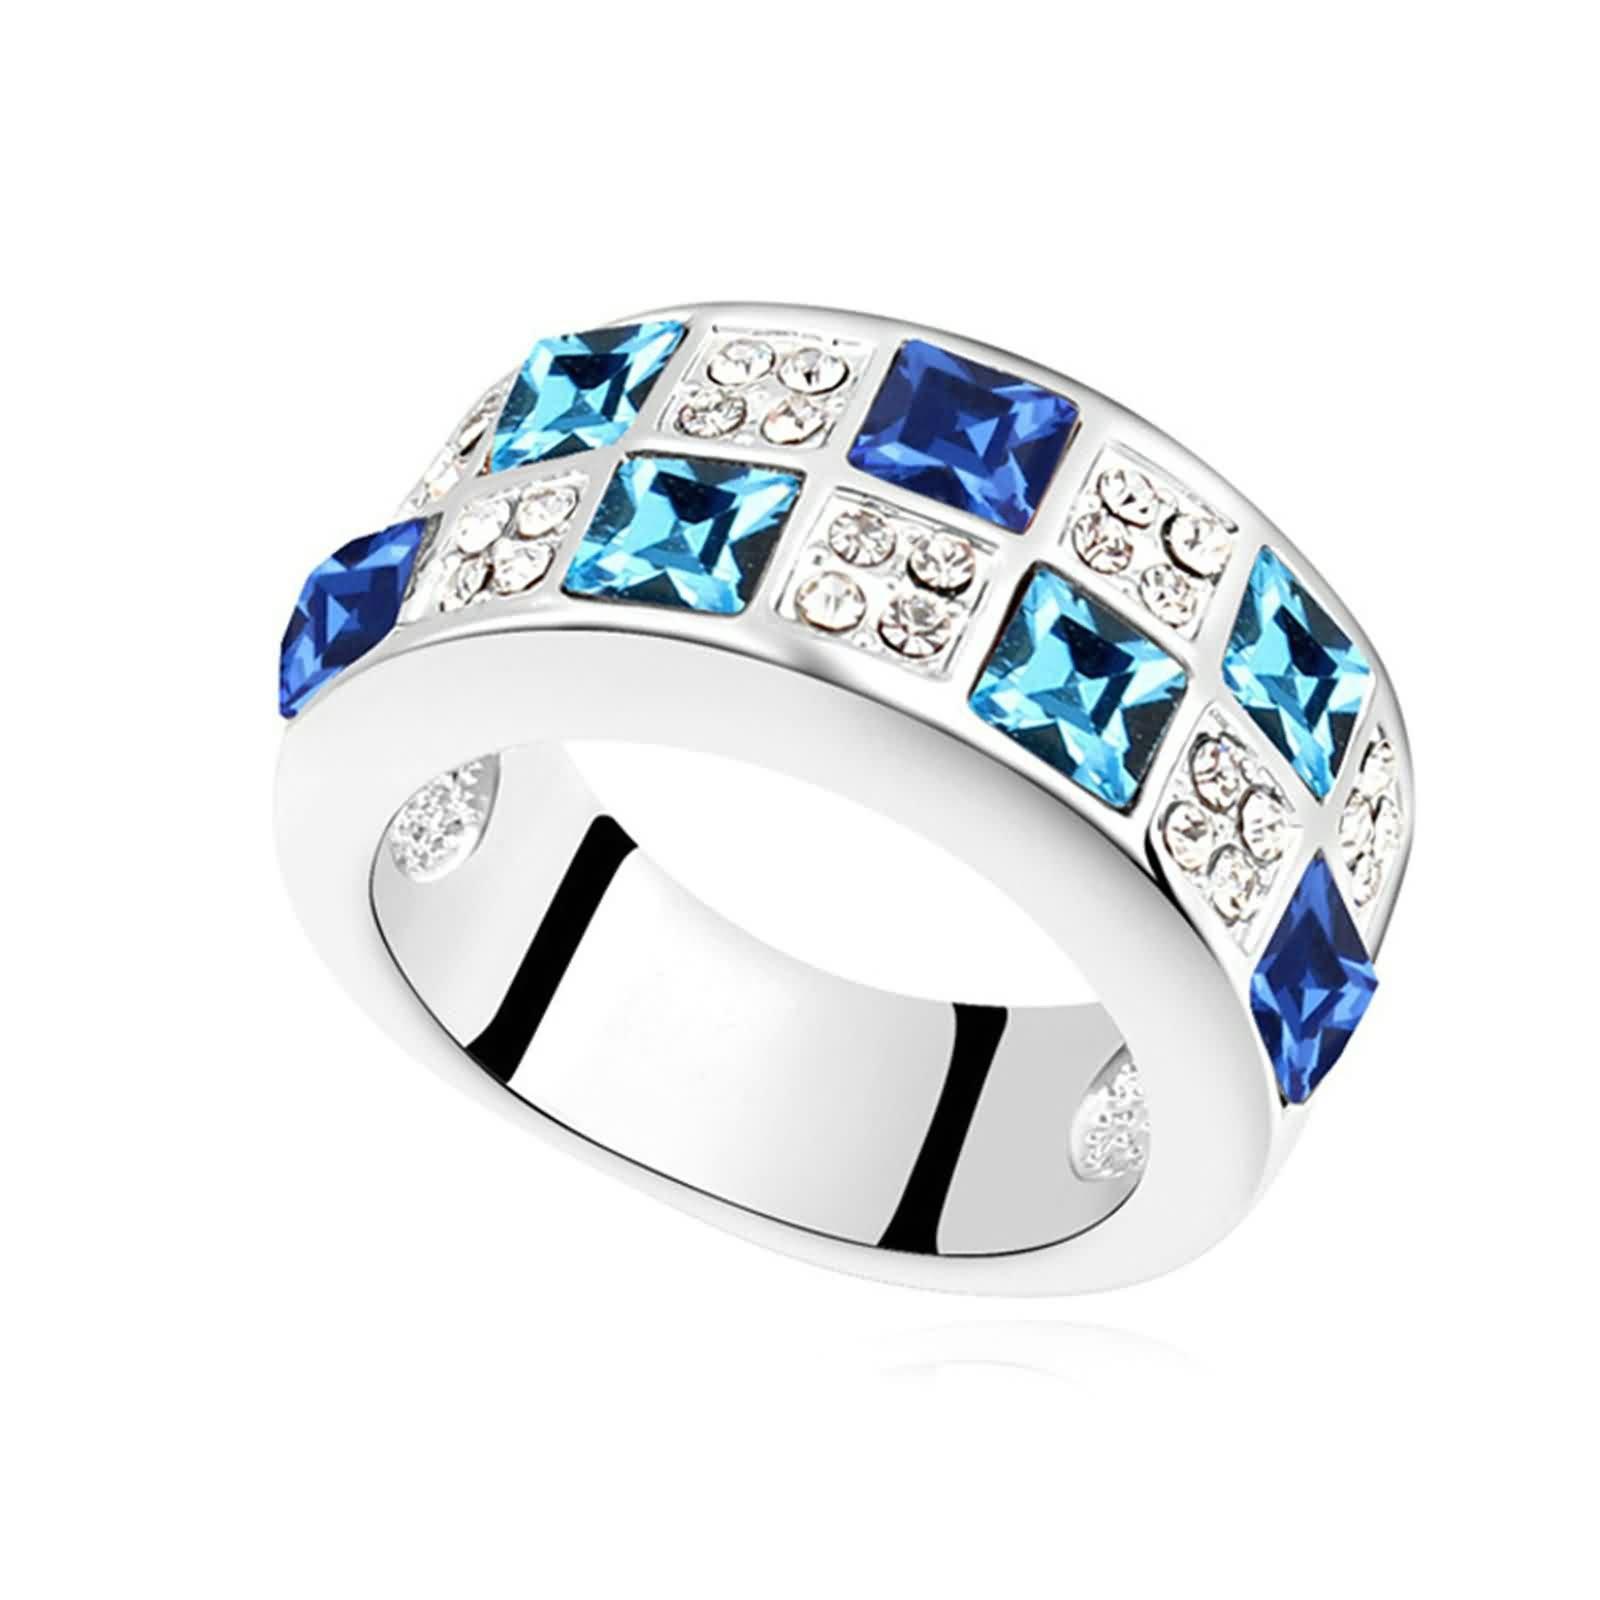 KnSam Damen Ring Vergoldet Bandring Vergoldet Quadratische mit Viele Zirkonia Größe 53 (16.9) bis 57...